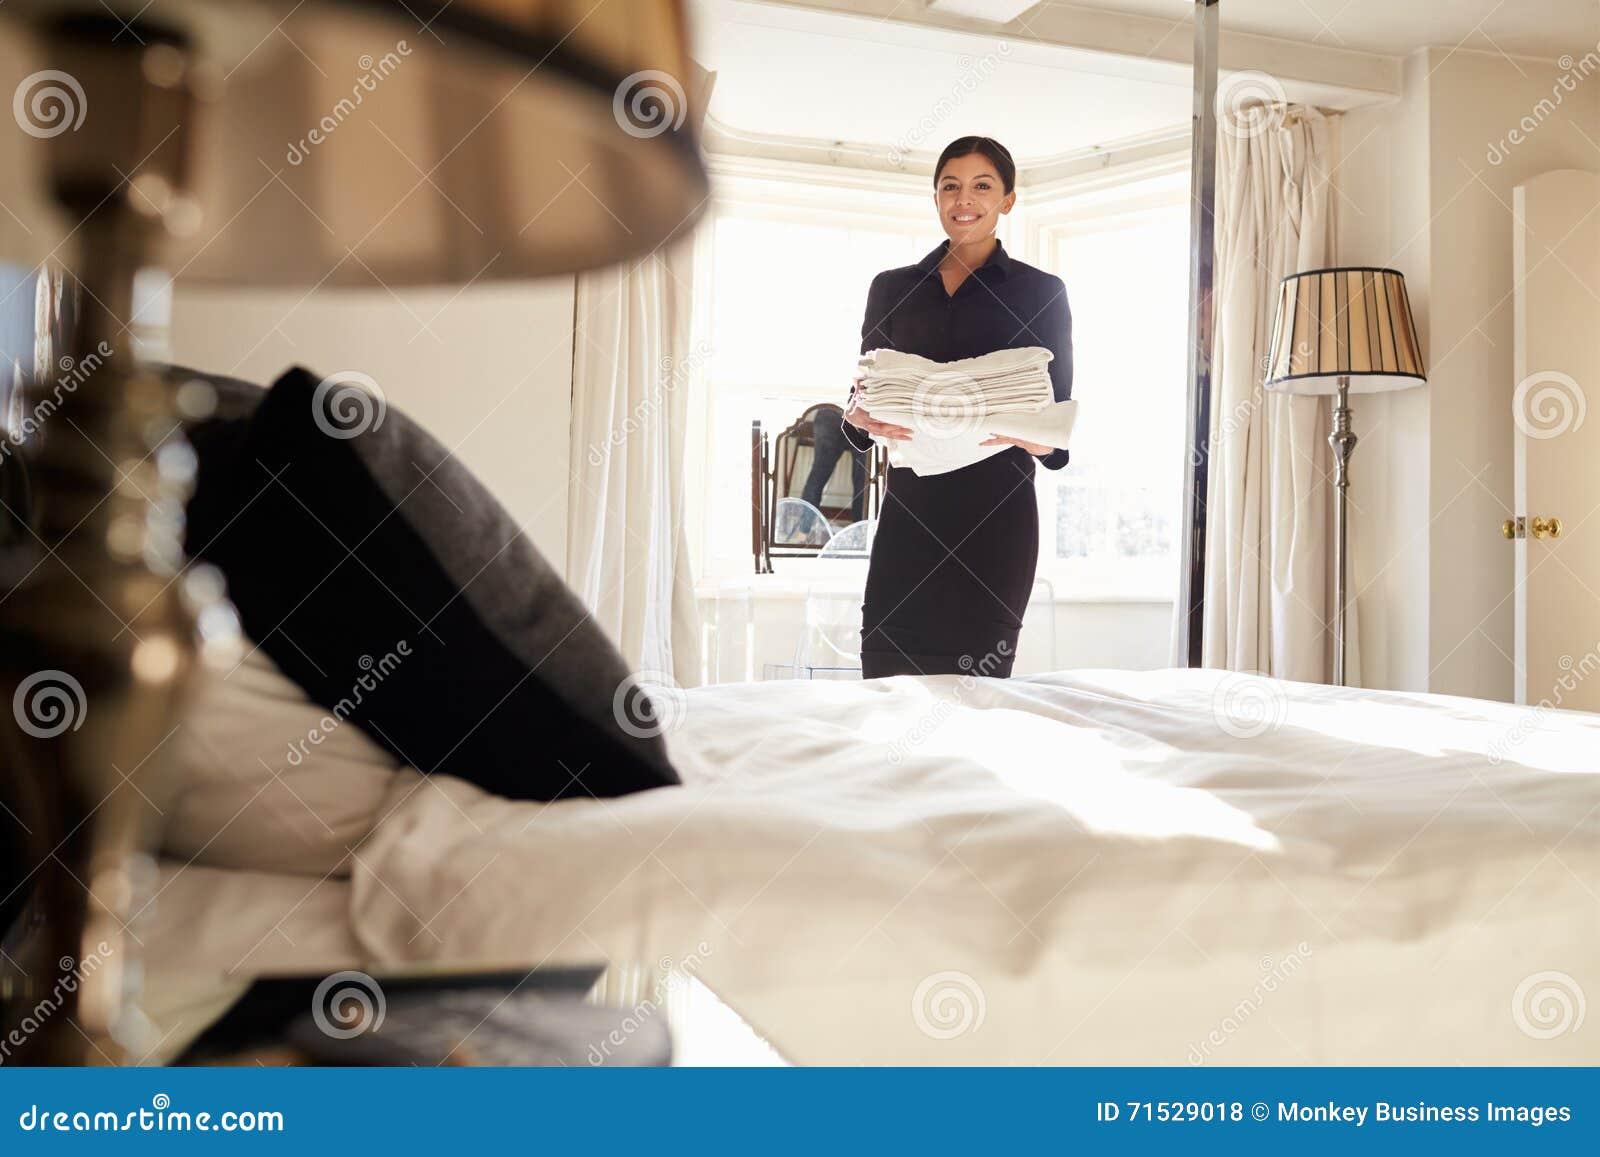 Nettoyage De Femme De Chambre De Femme Dans Une Chambre à Coucher ...